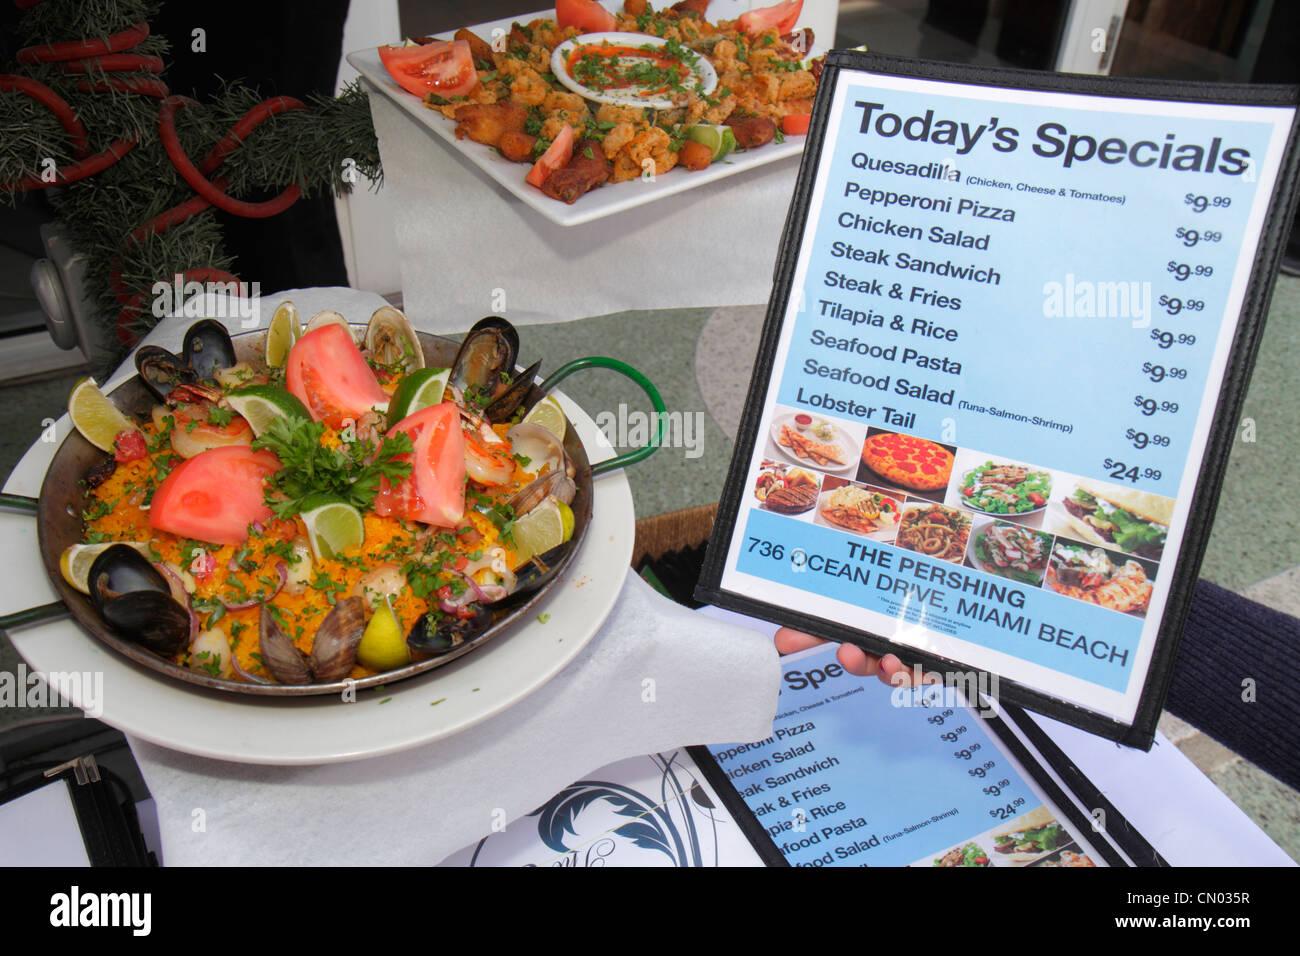 Italian Restaurants Ocean Drive Miami Beach